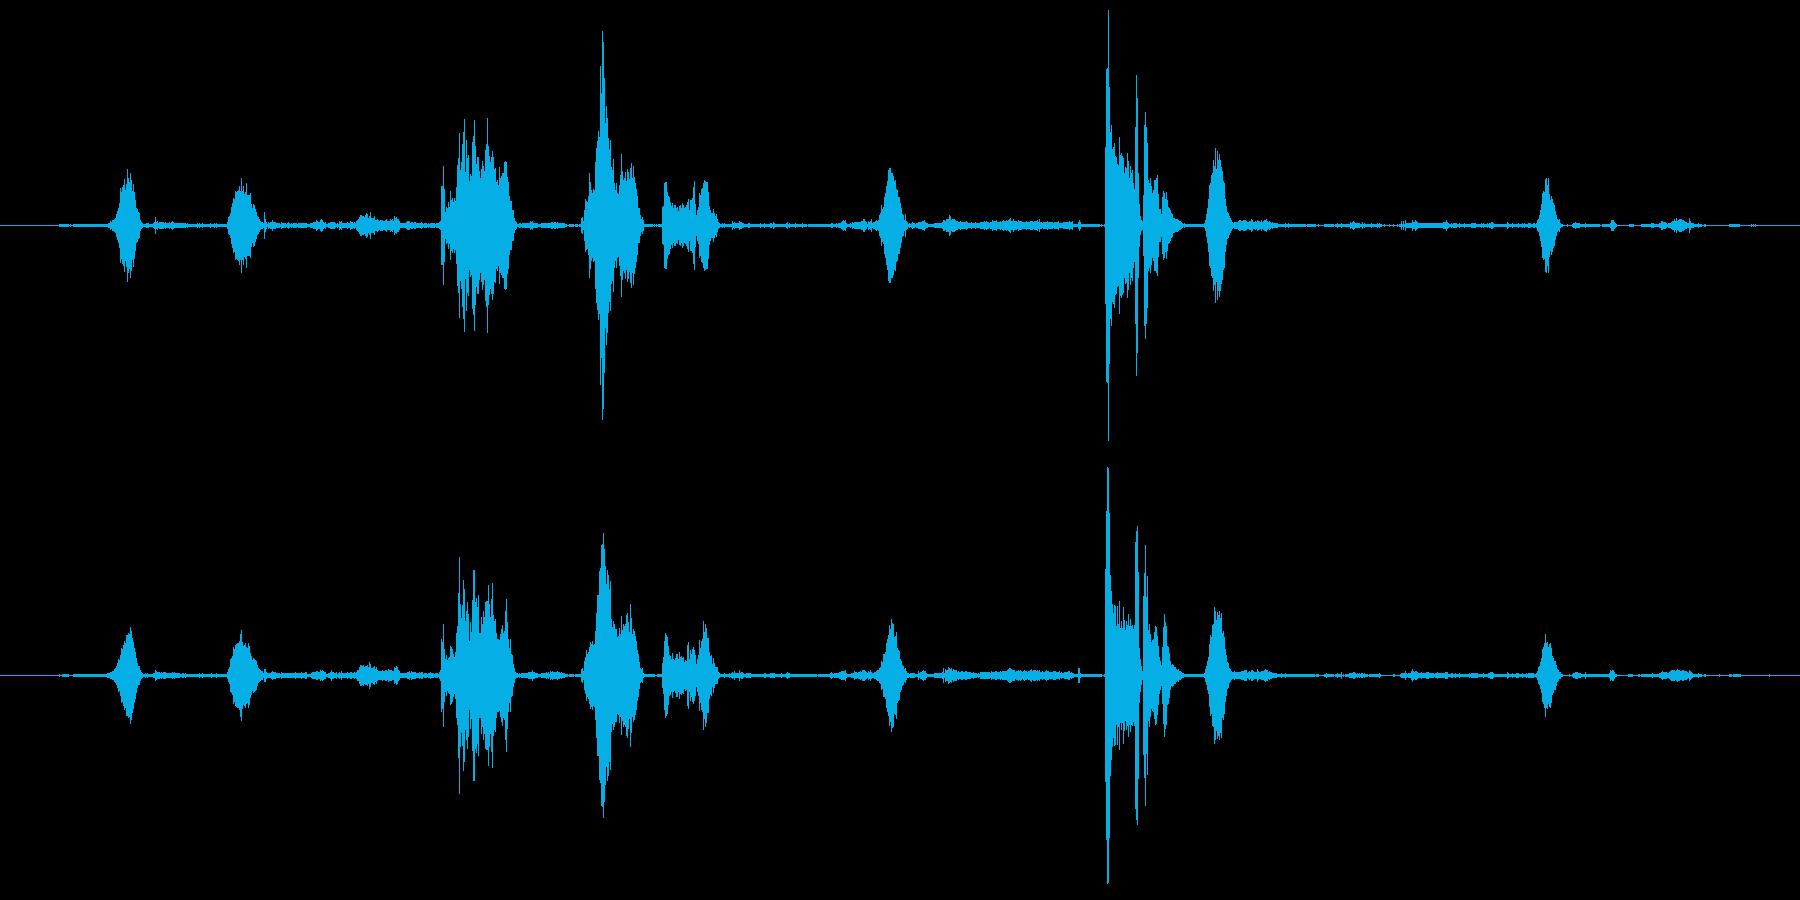 鼻をかむ、人間; DIGIFFEC...の再生済みの波形